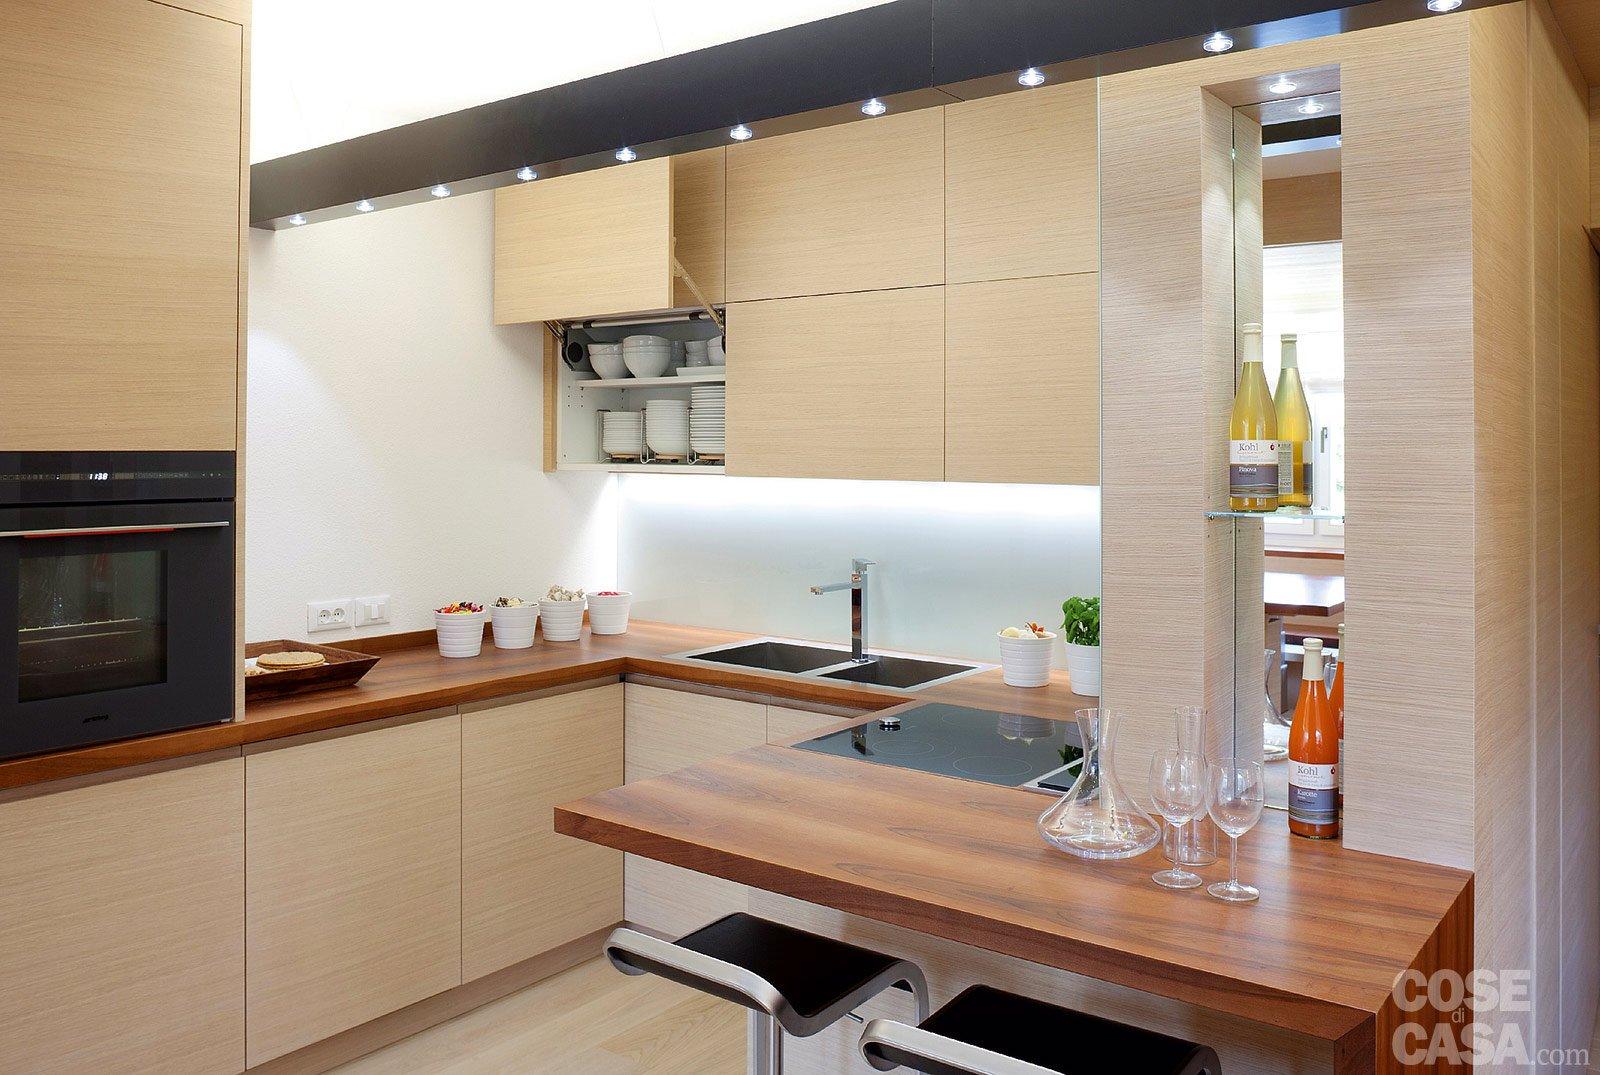 57 mq con ambienti mutevoli cose di casa - Cucine con vetrate ...